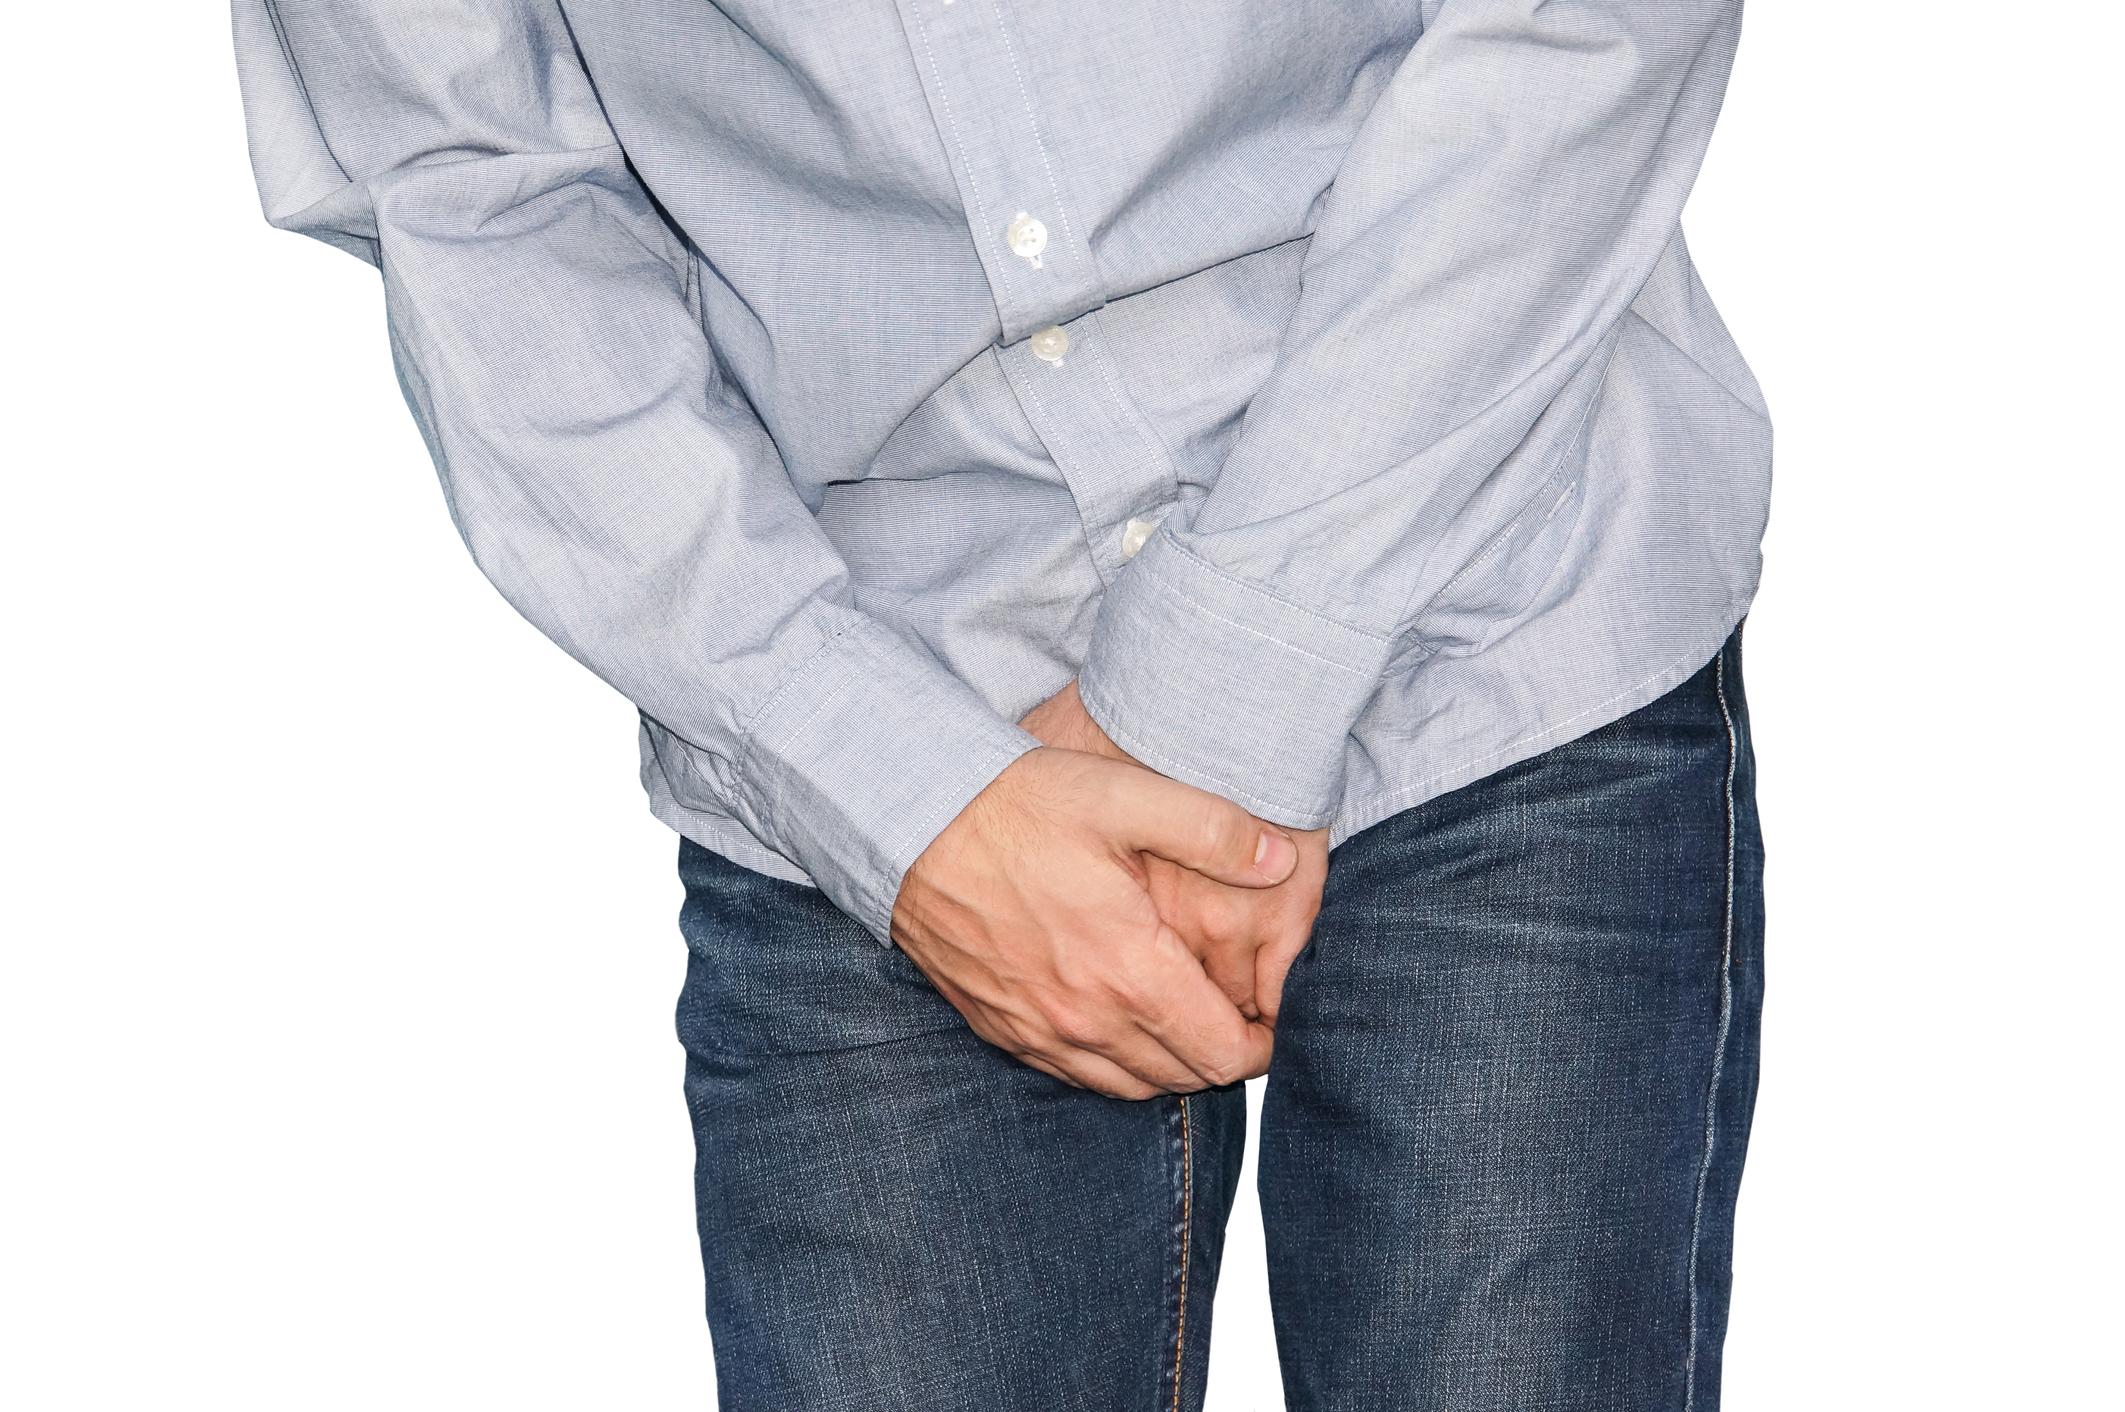 miért reped a pénisz? péniszmasszázs gyakorlat